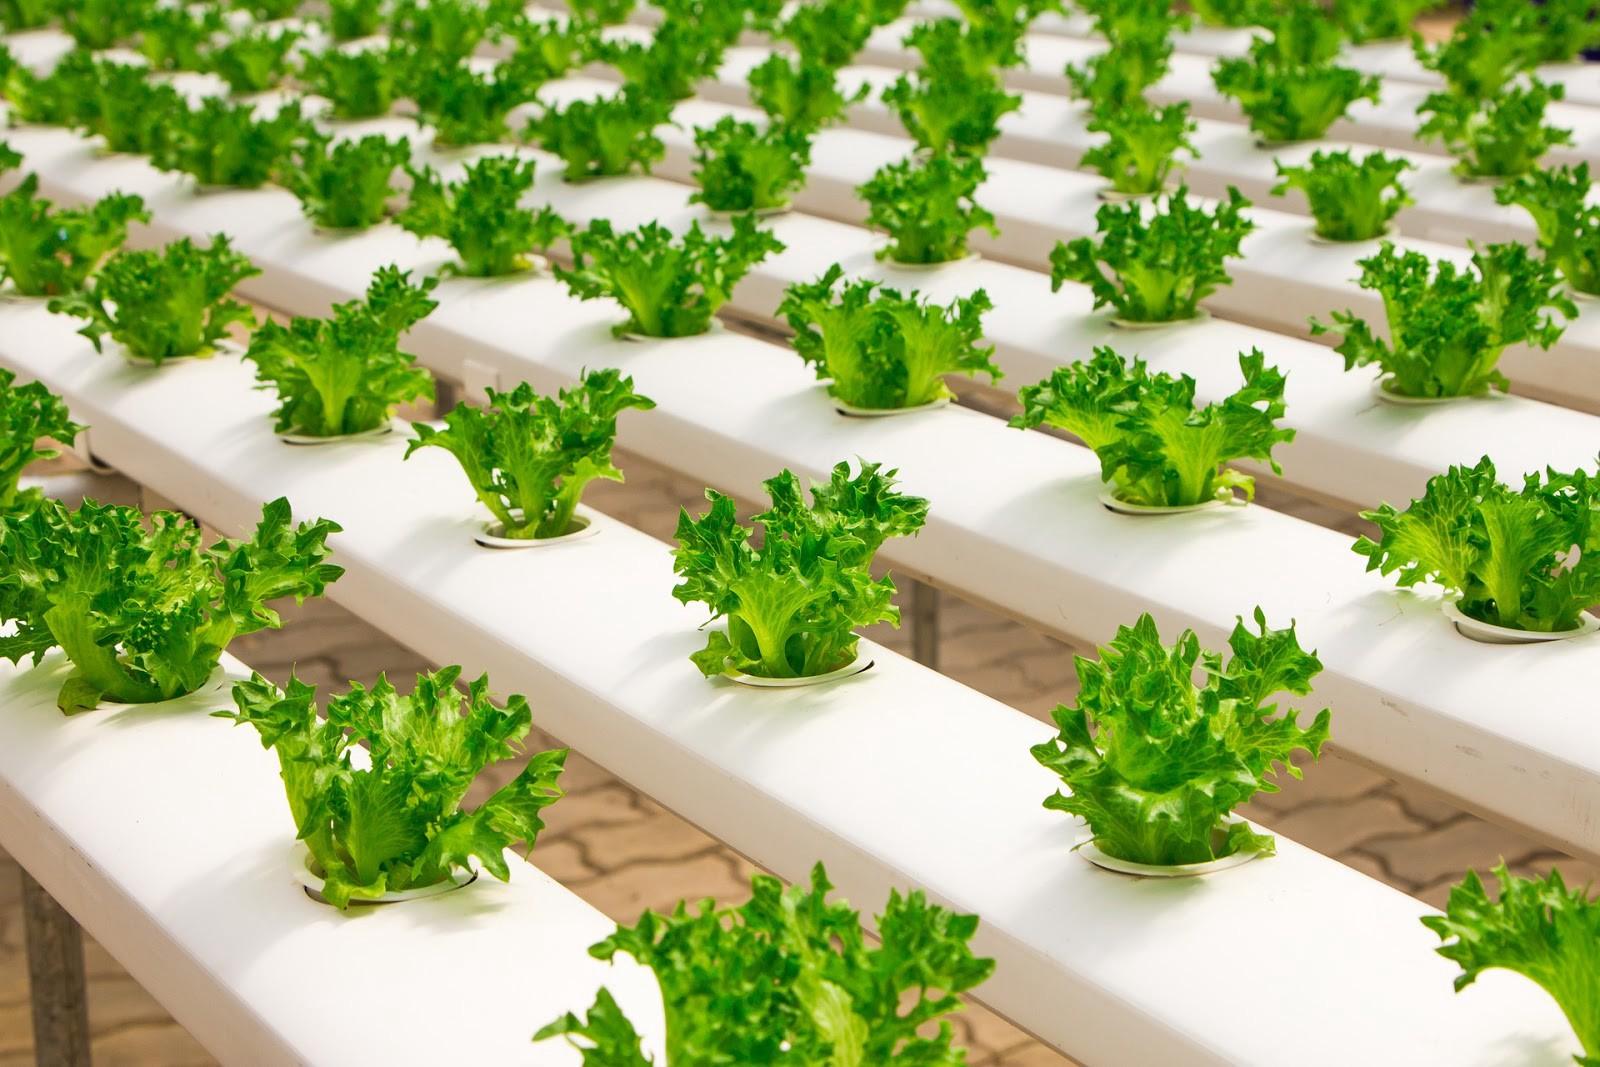 GAR 05 - Workshops: Food Farming with Hydroponics